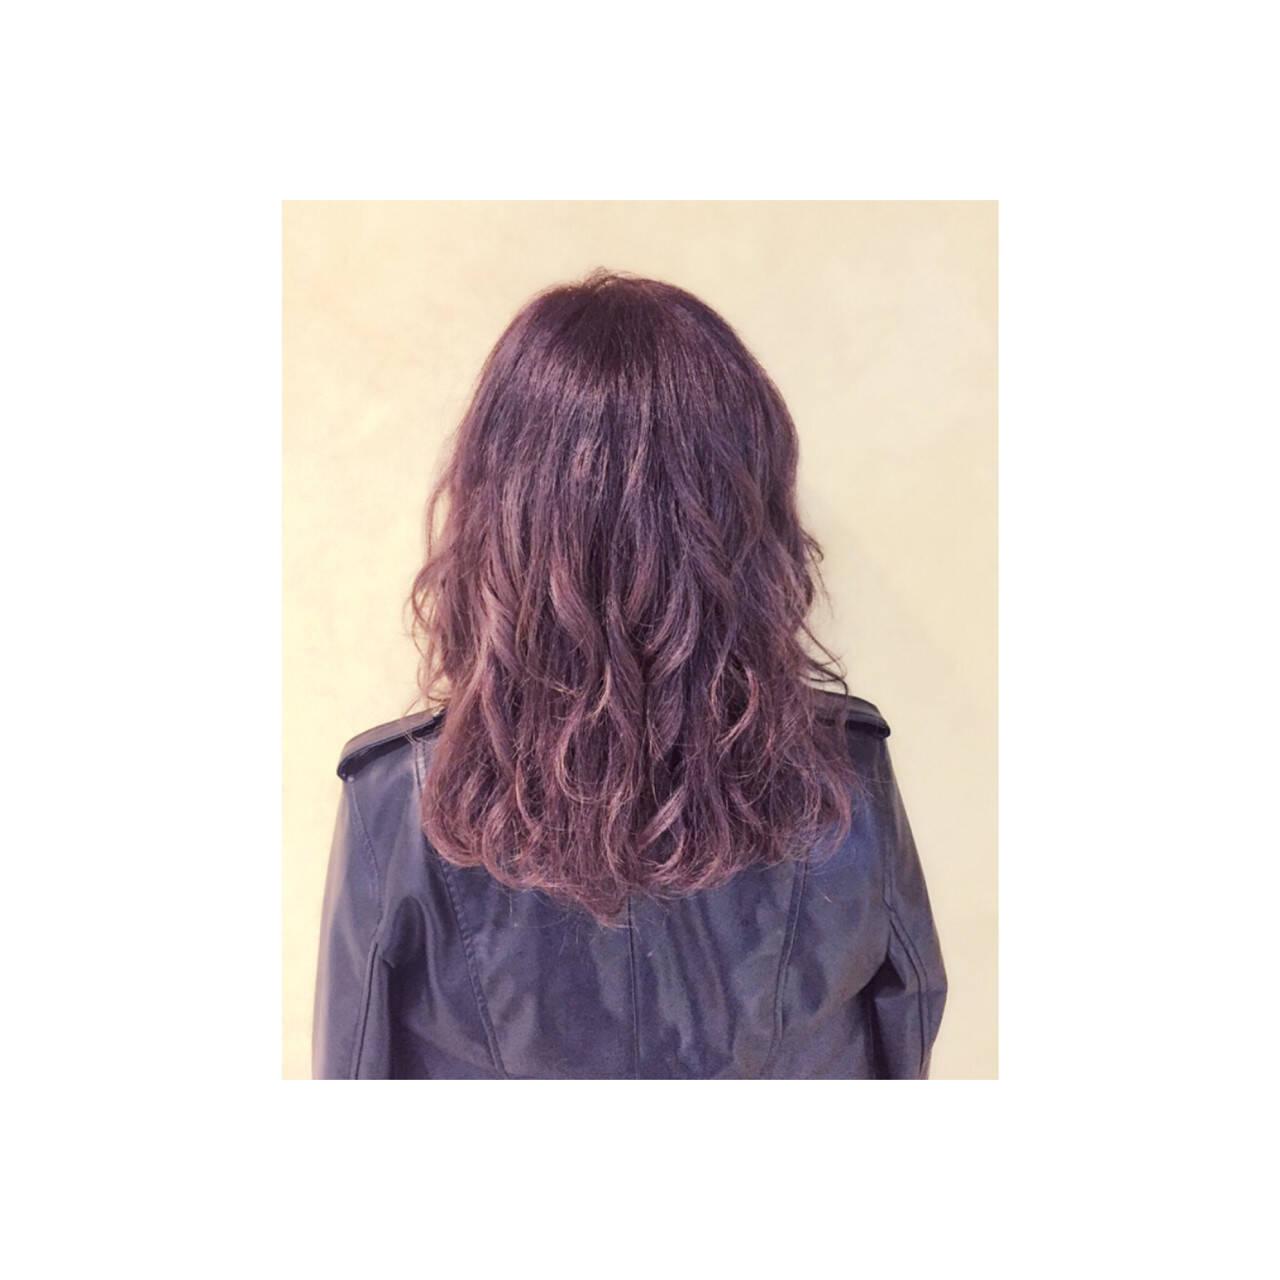 外国人風 アッシュ ストリート ミディアムヘアスタイルや髪型の写真・画像